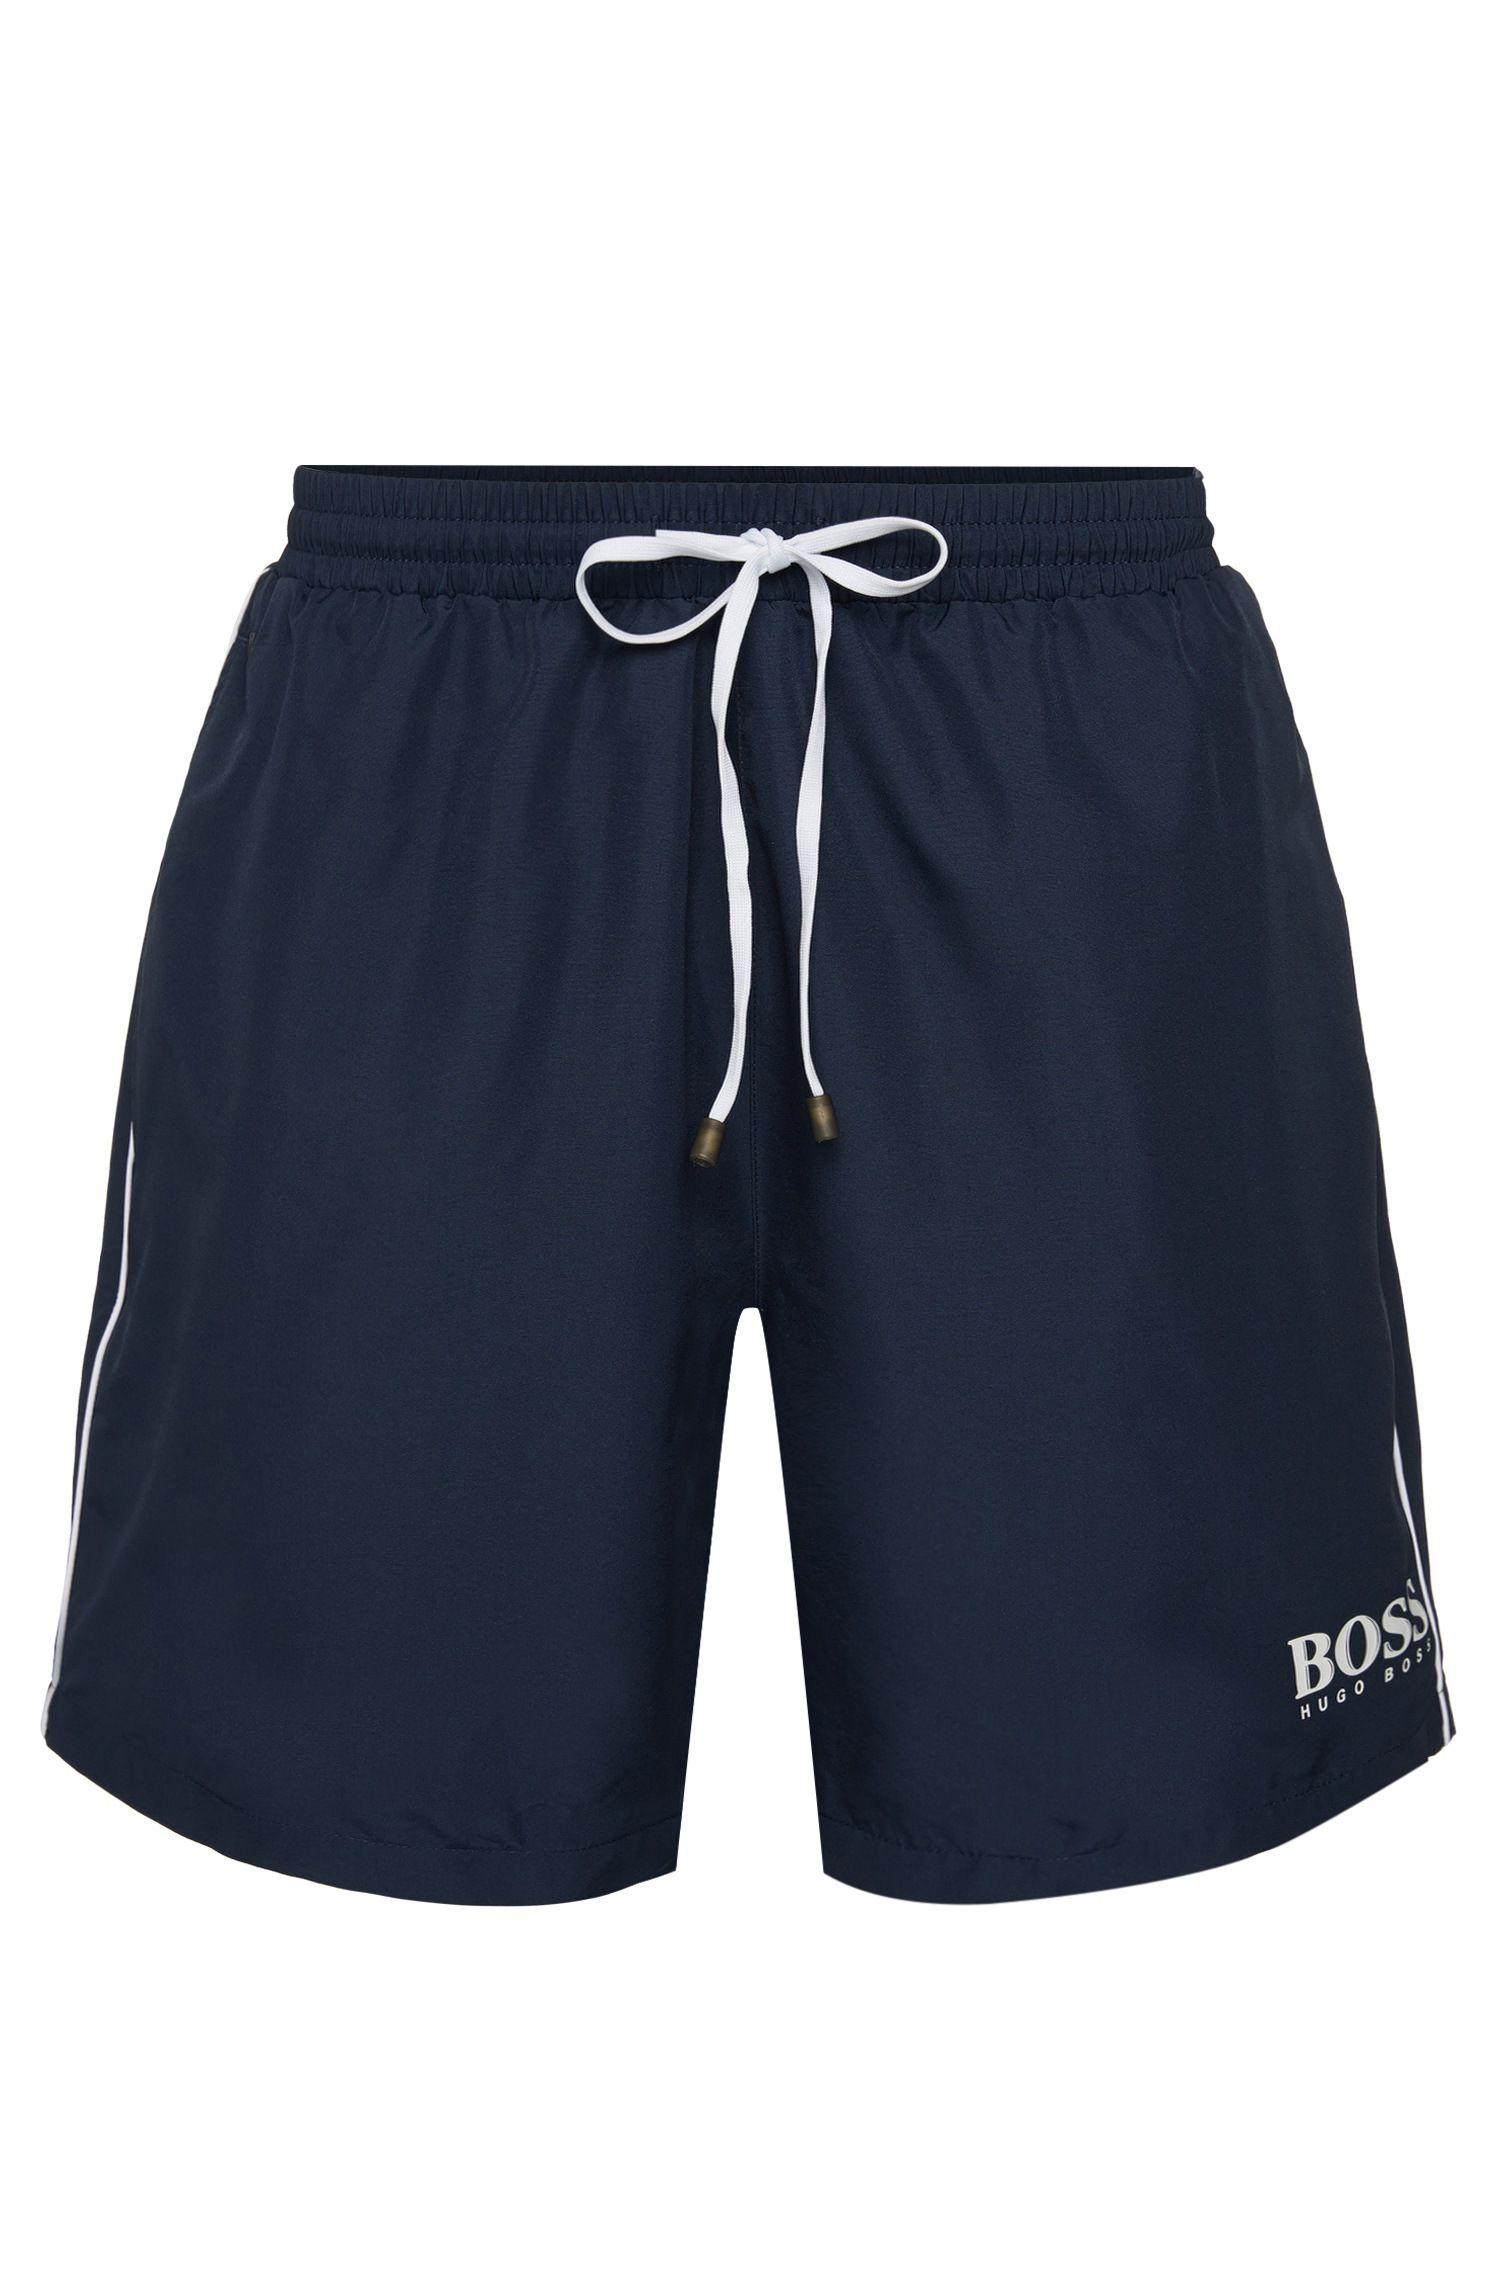 Drawstring swim shorts with logo detail